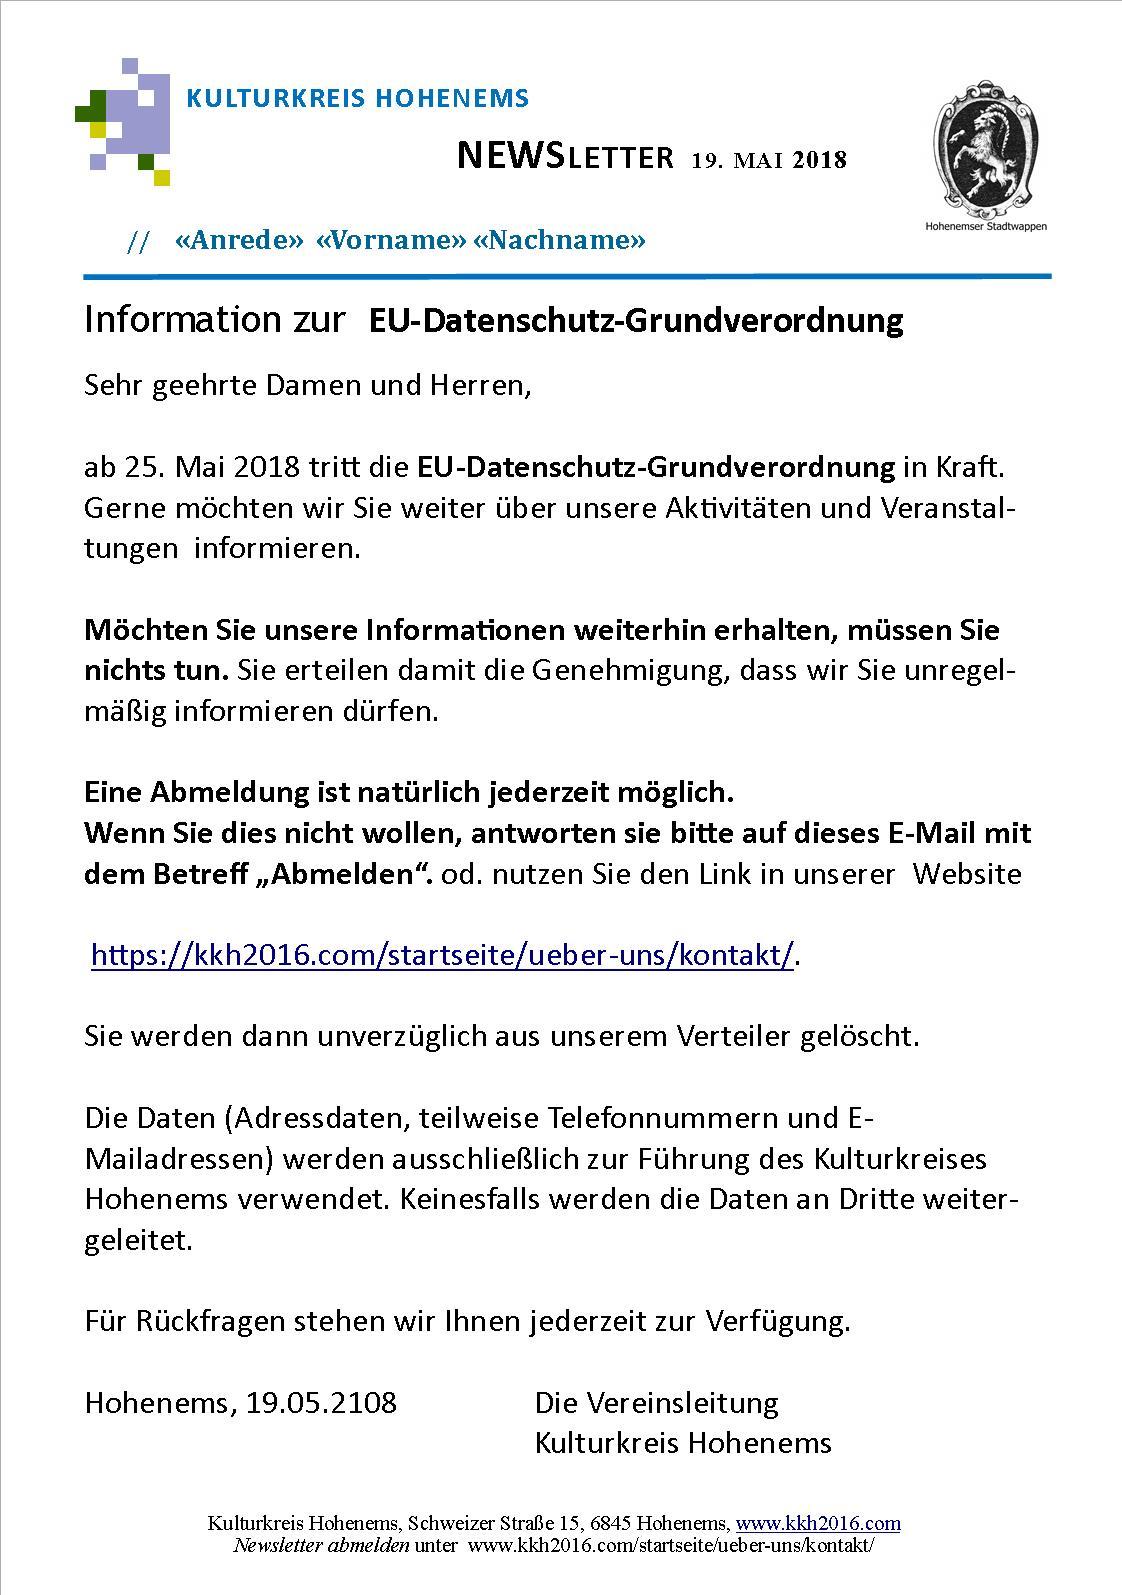 Publikation-19.05.2018-Datenschutz